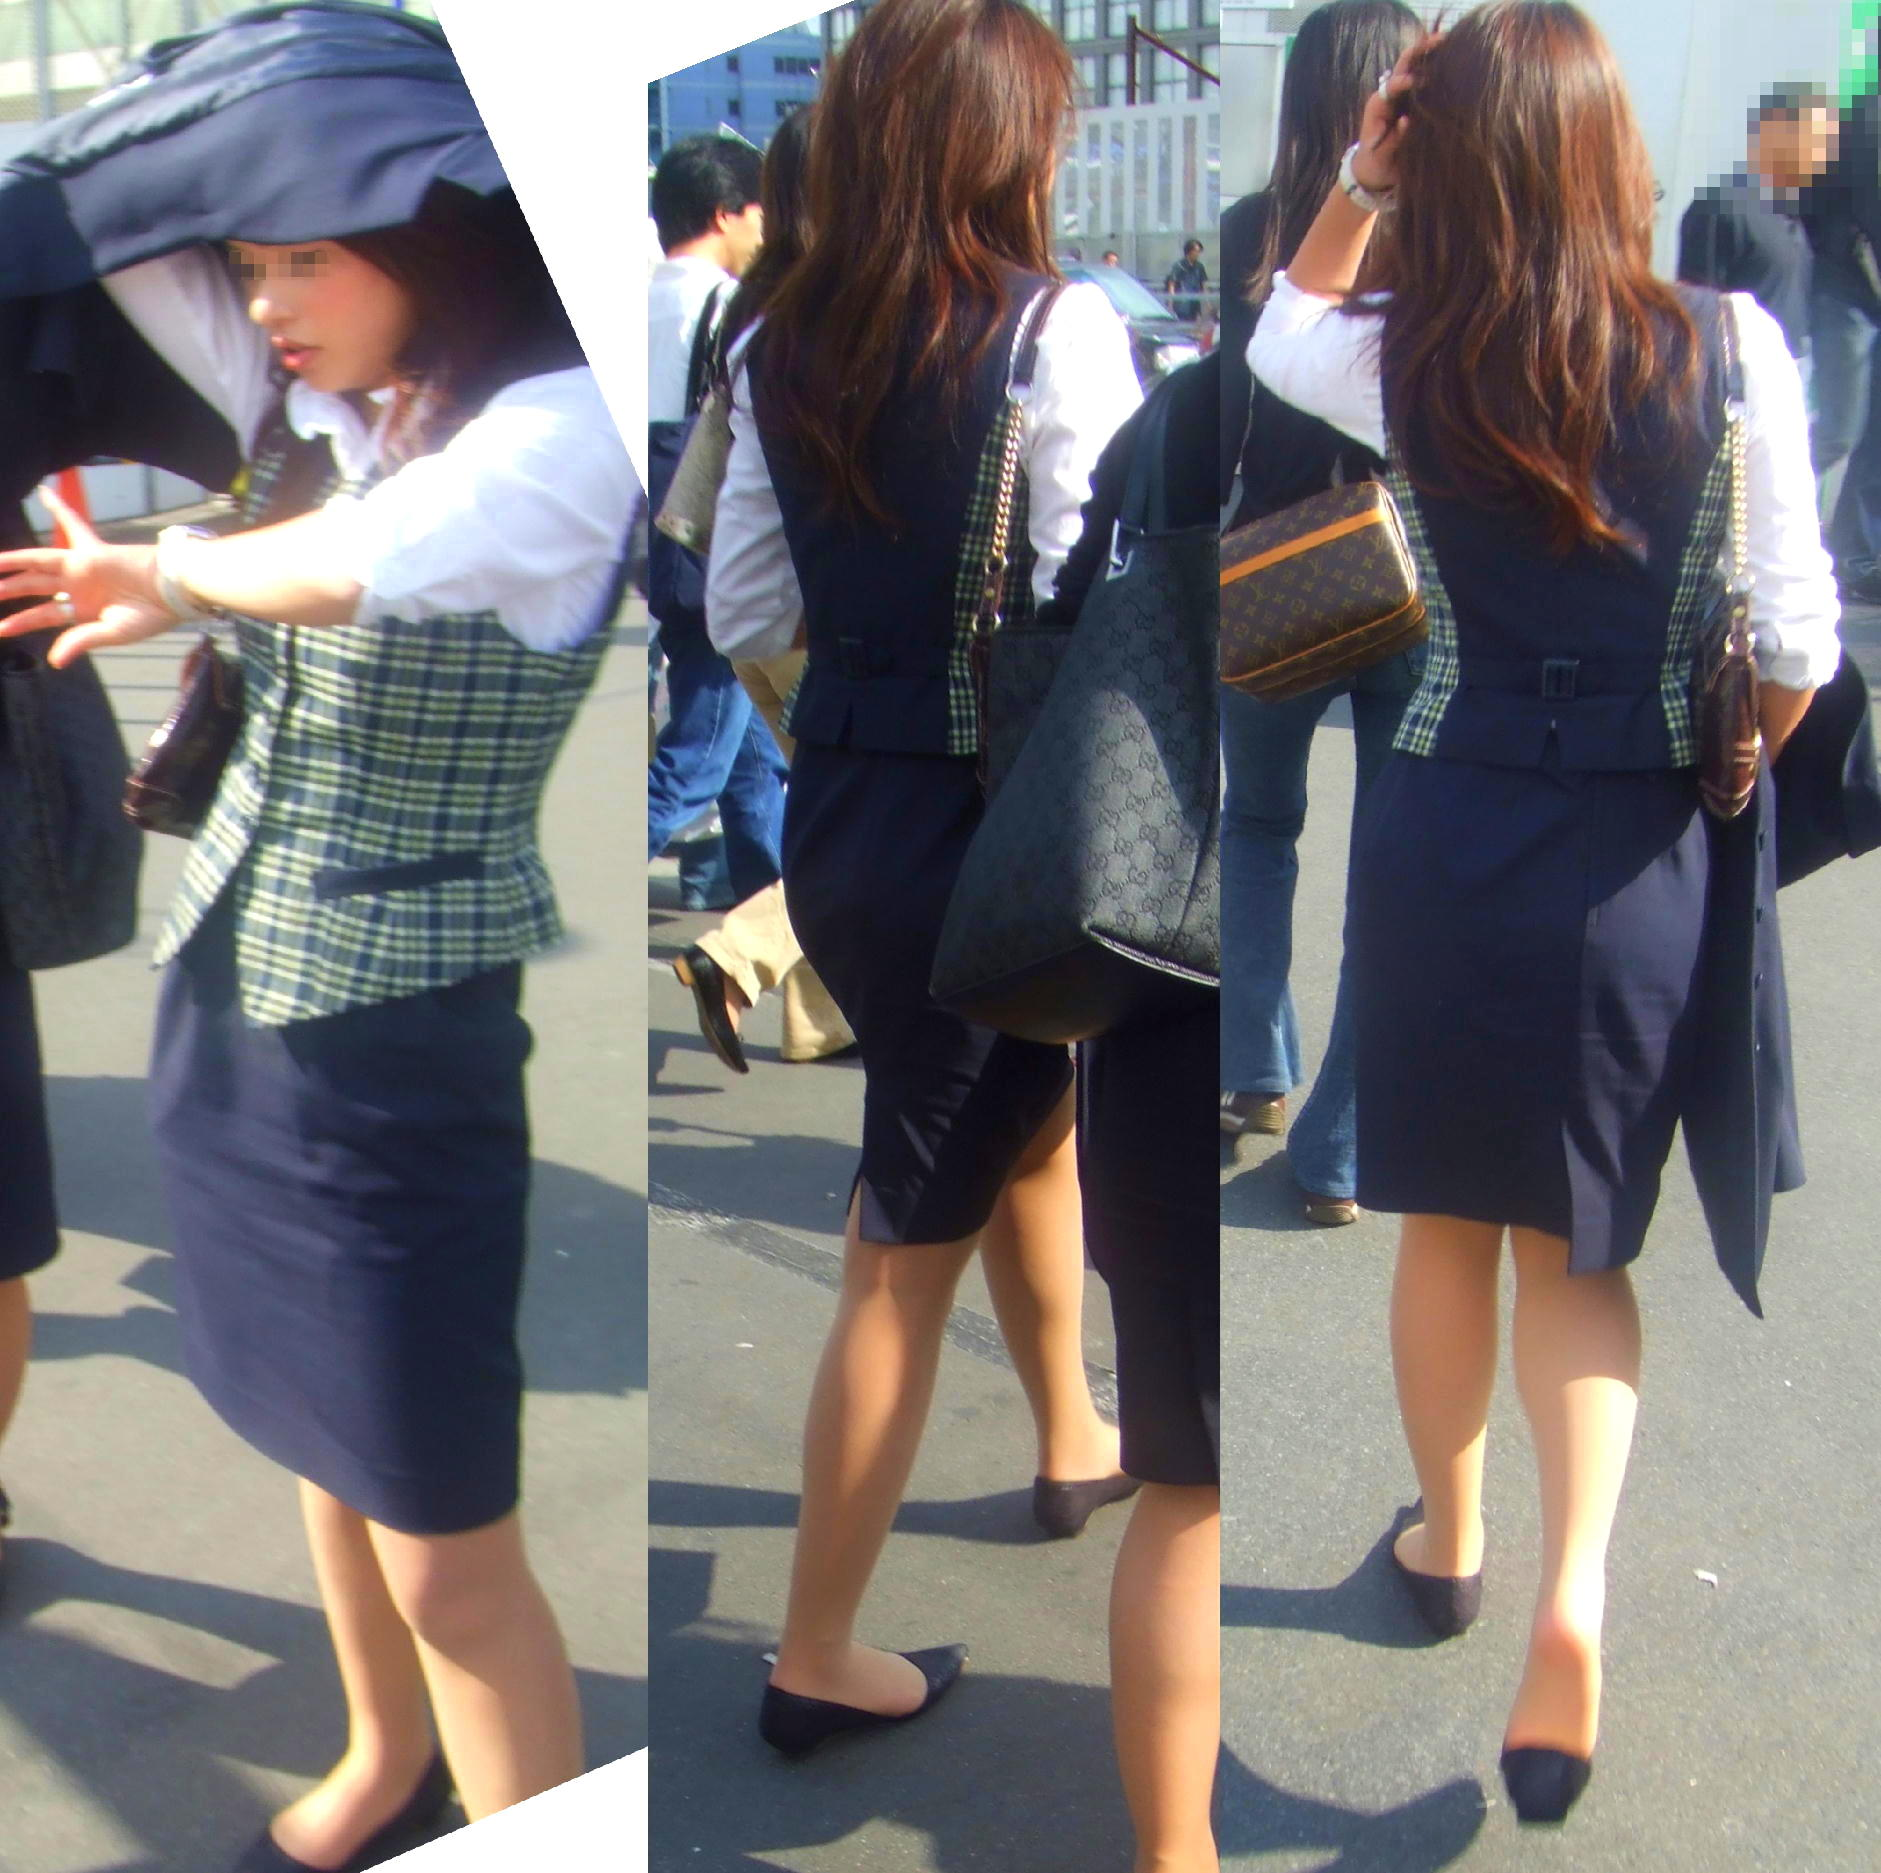 OLのブレザーとタイトスカート姿にフェチを感じるエロ画像11枚目